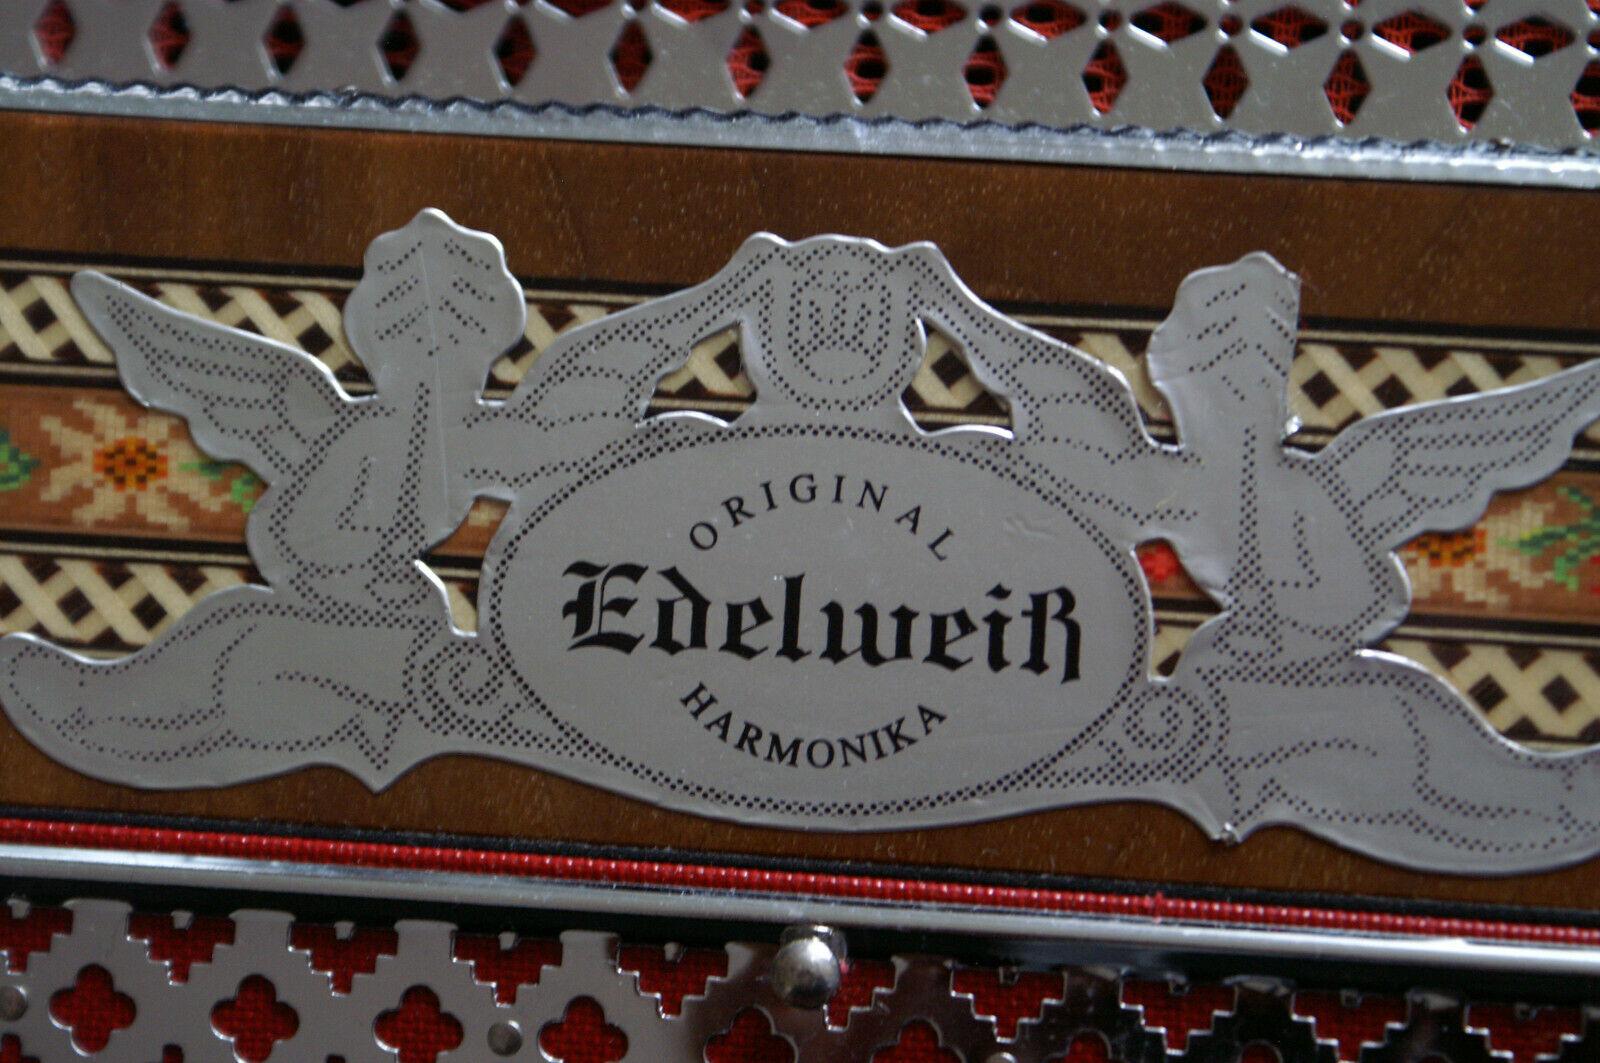 Steirische Harmonika Original Edelweiß